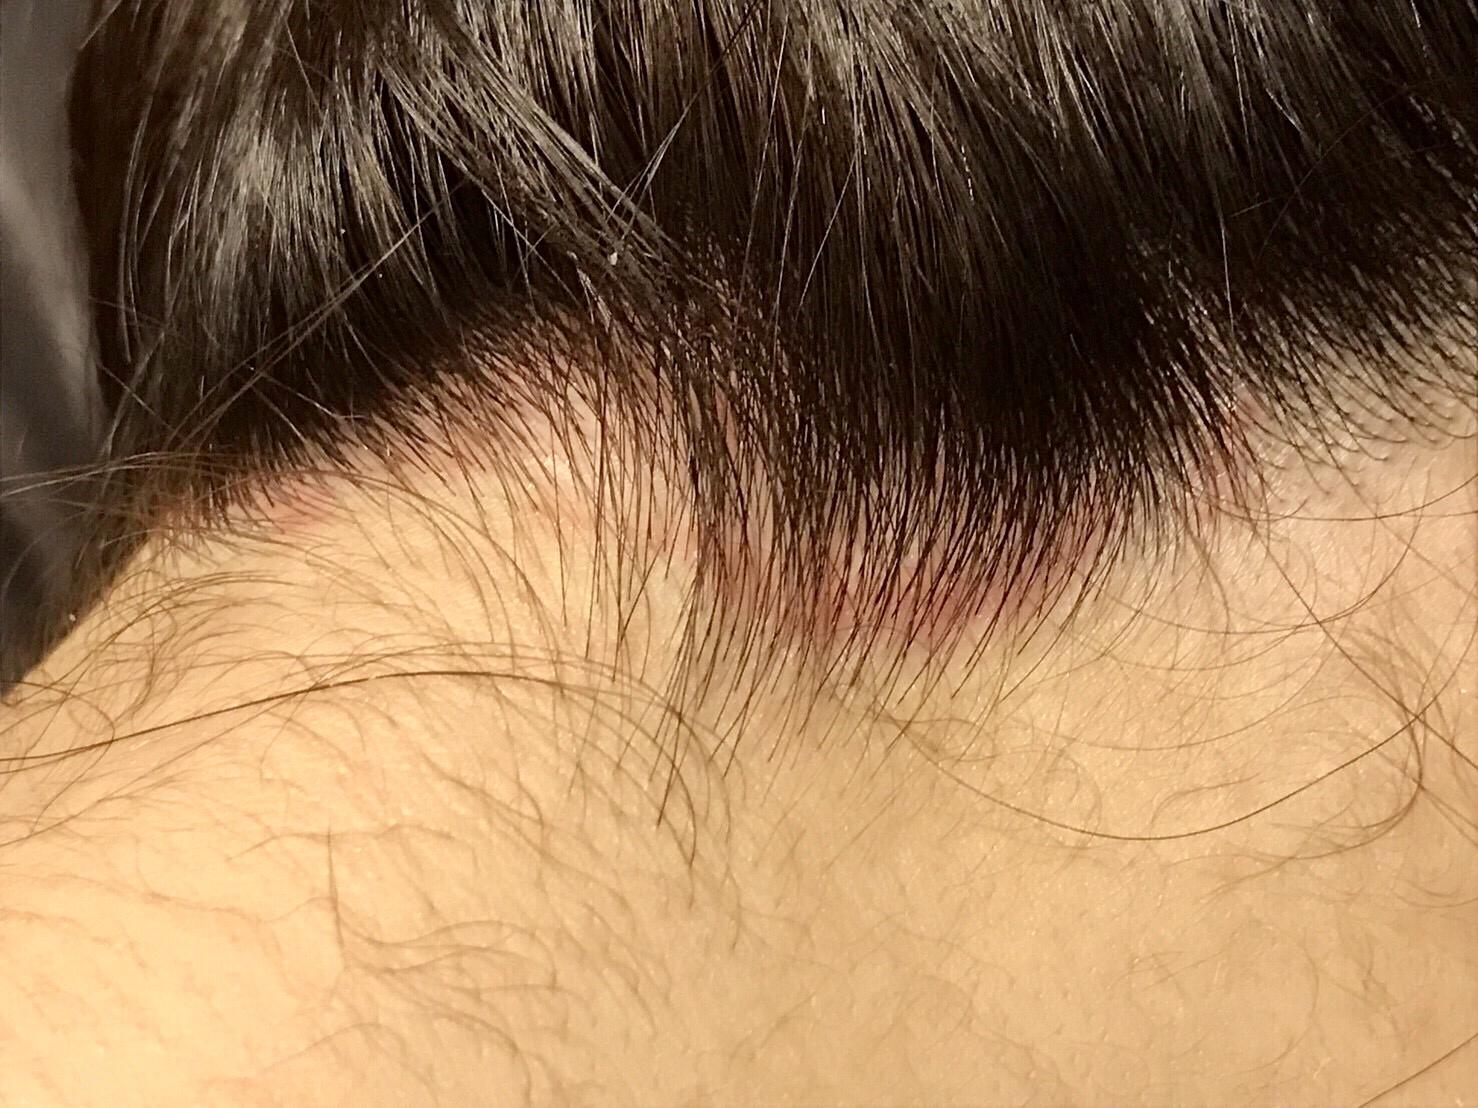 前髪の産毛が長いのが気になる人のための処理方法と注意点